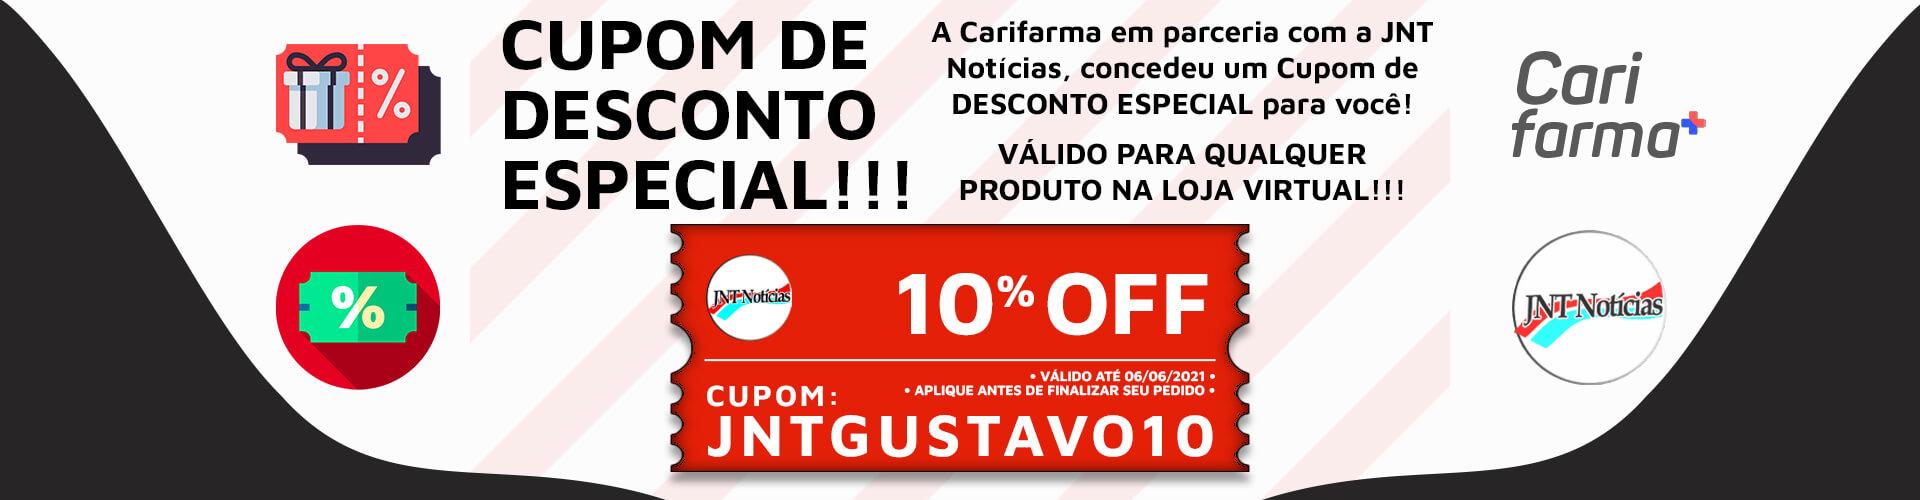 Cupom_JNT_Noticias